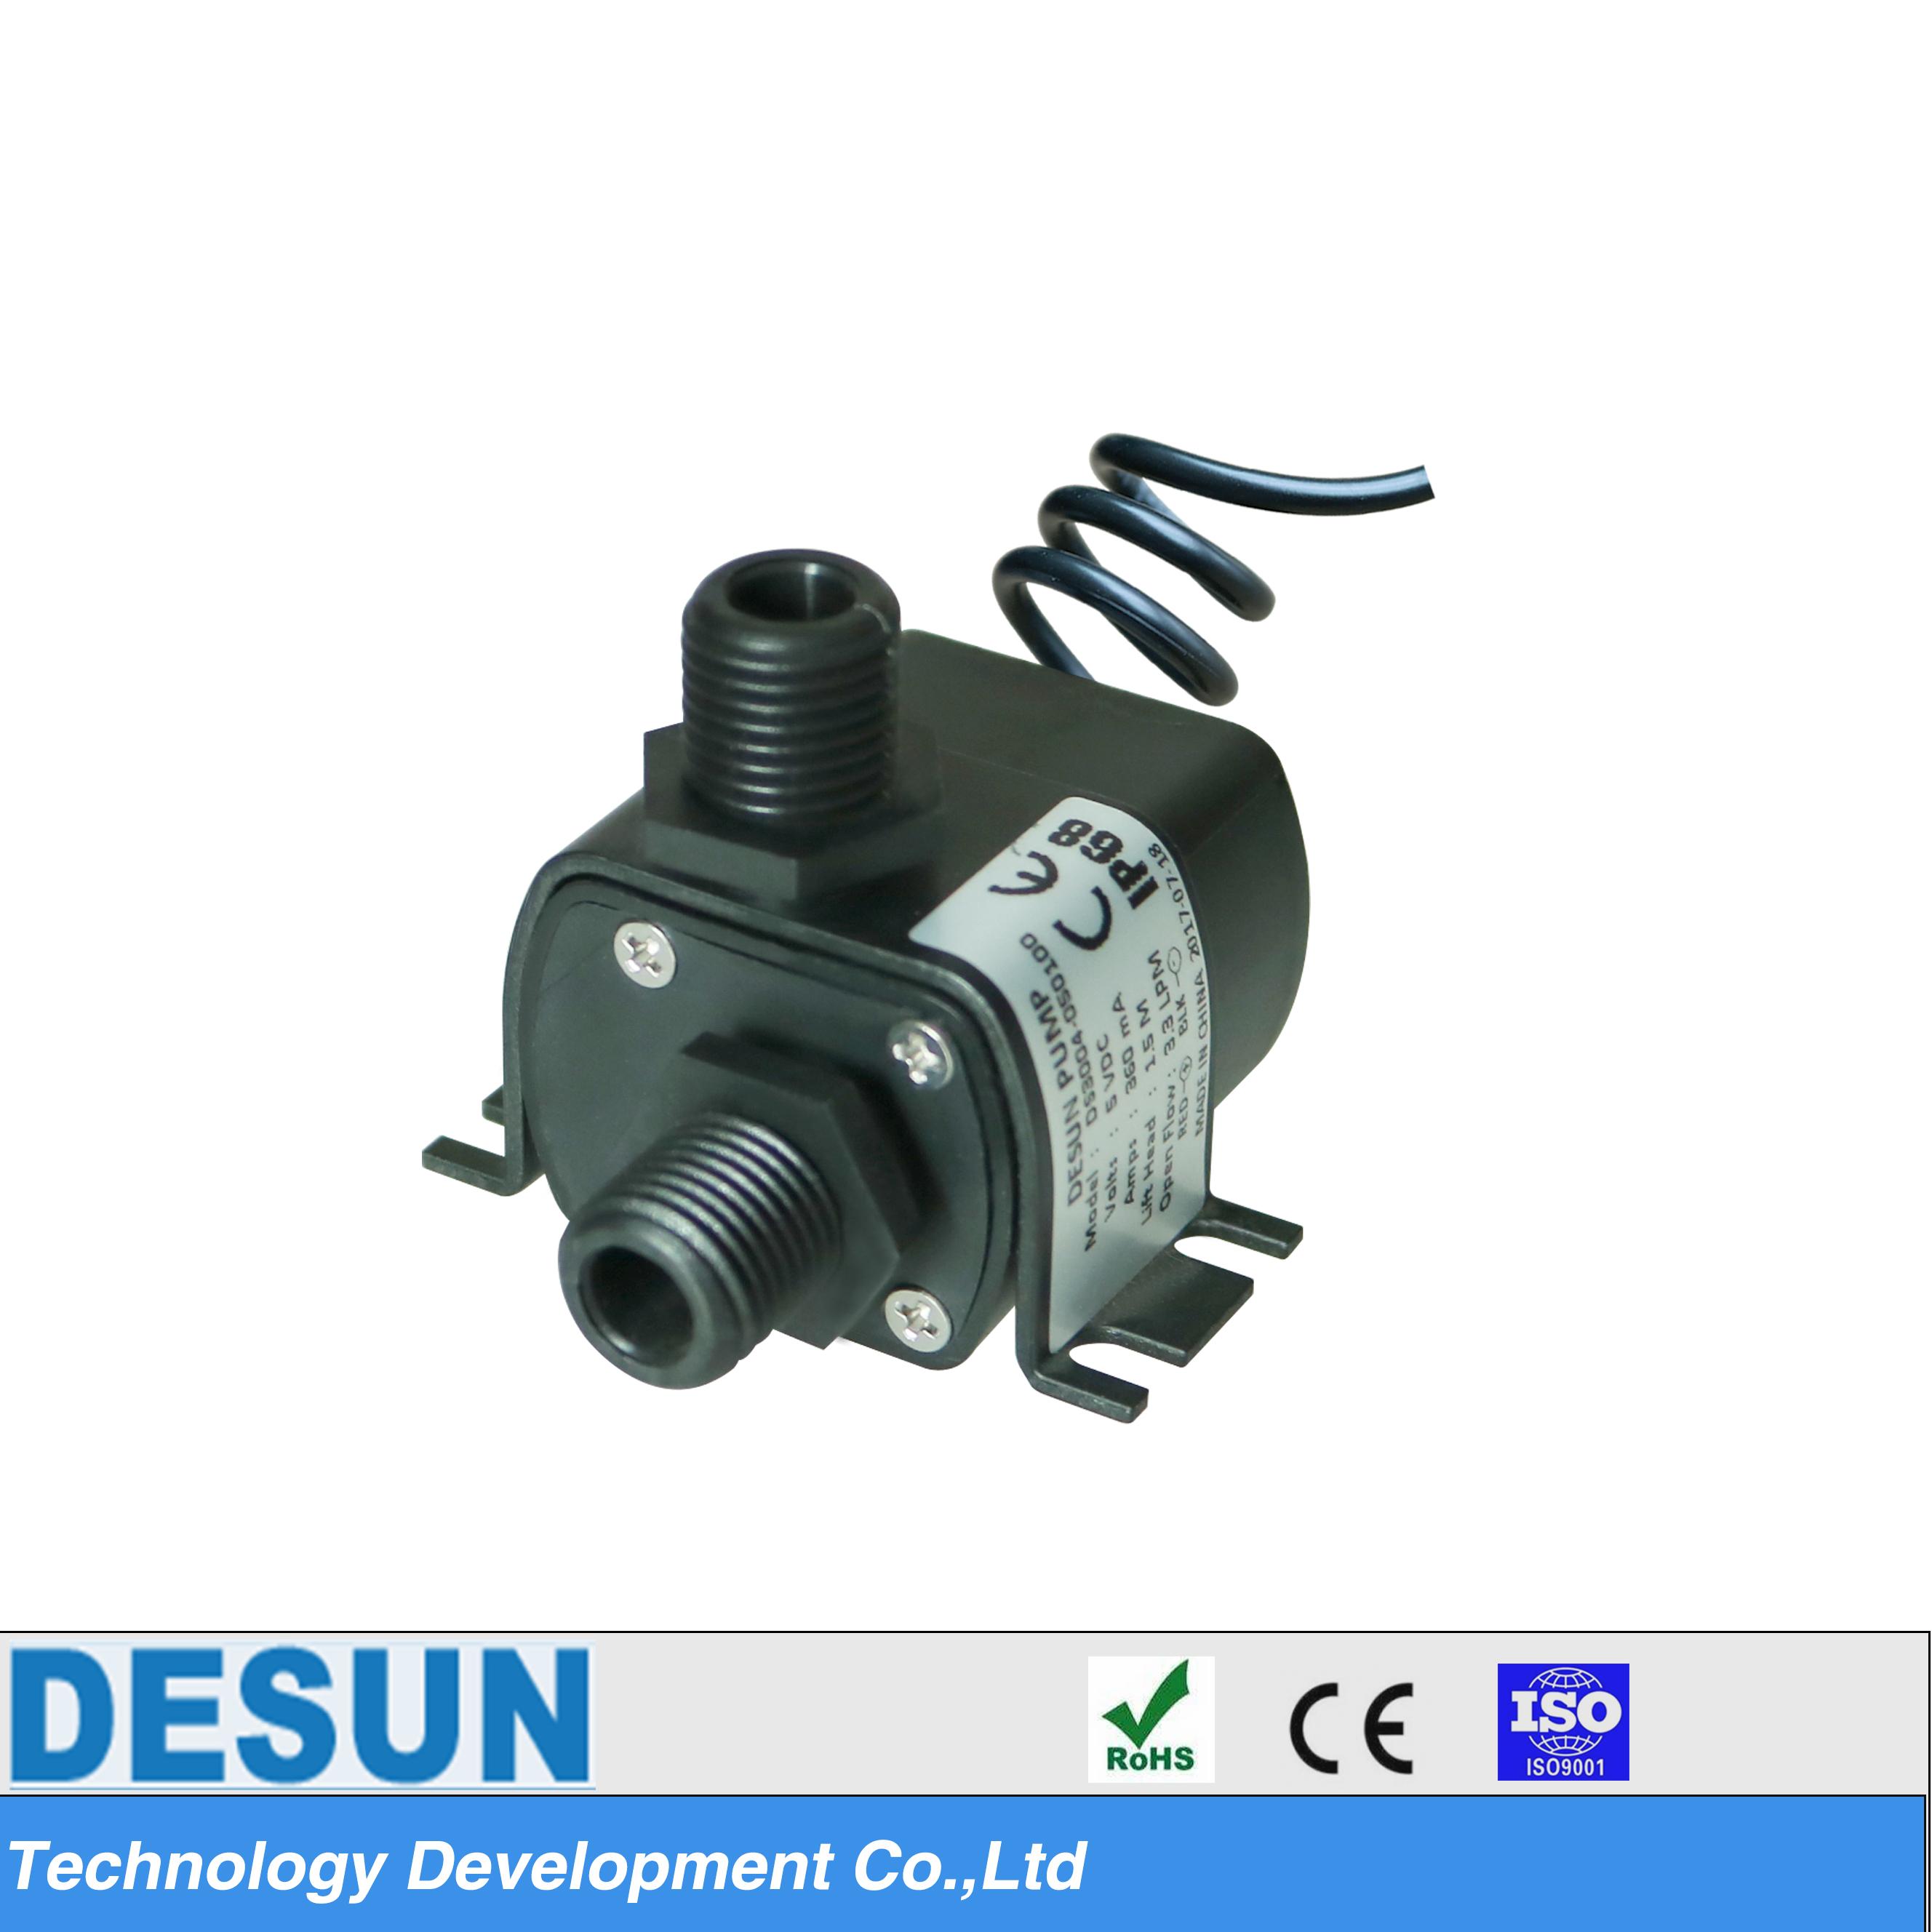 家用电器微型水泵DS3004